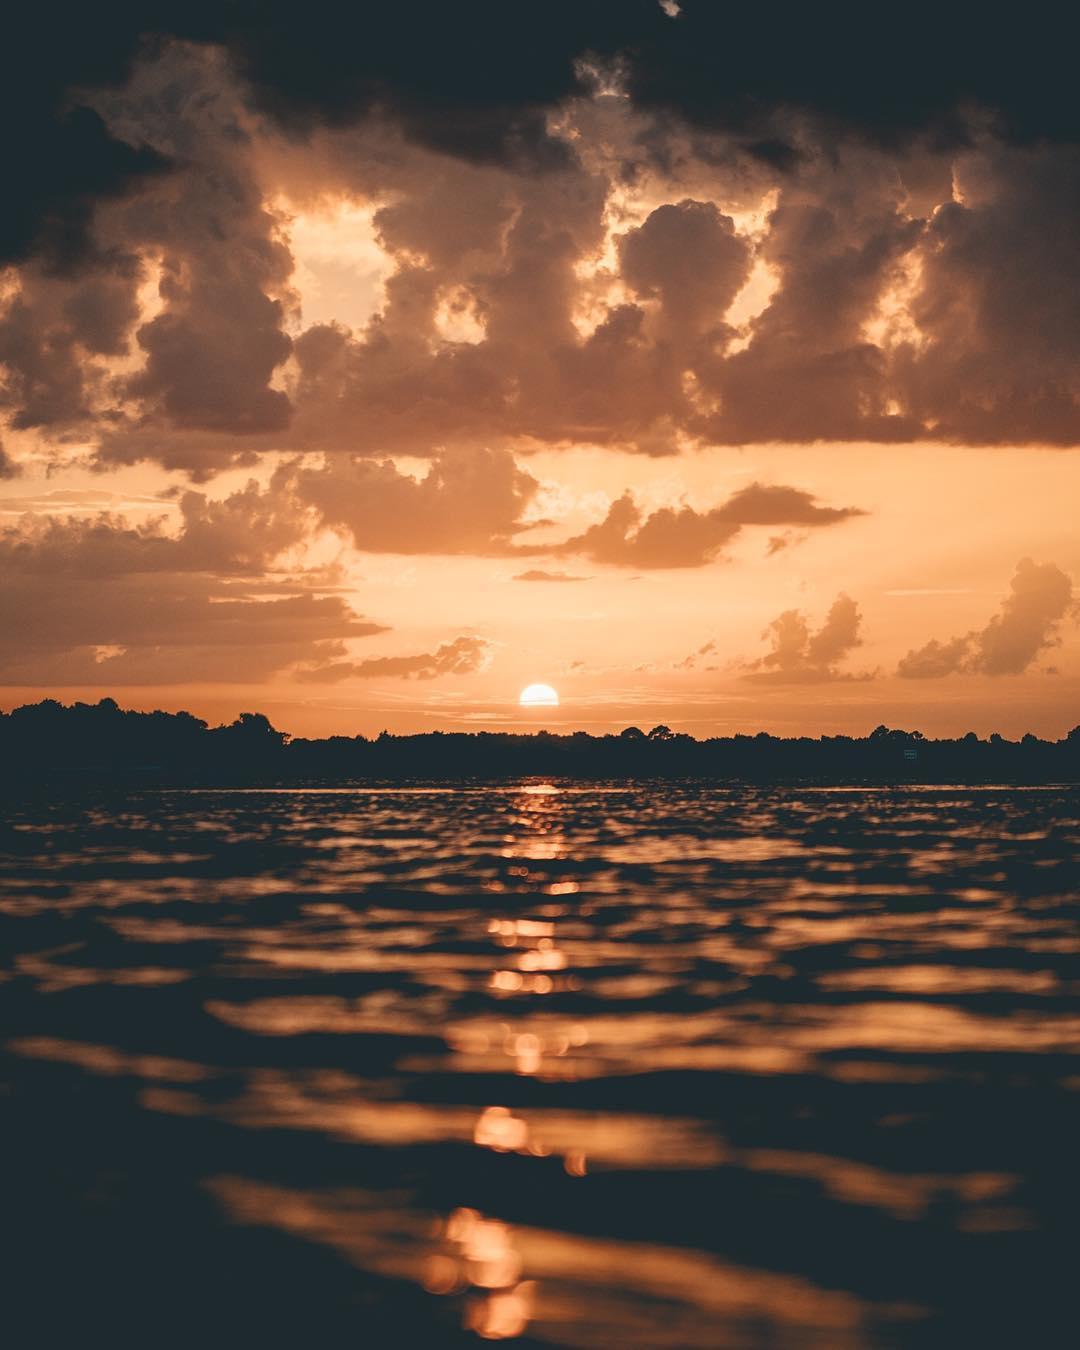 Замечательные пейзажные снимки Эрика Уорда